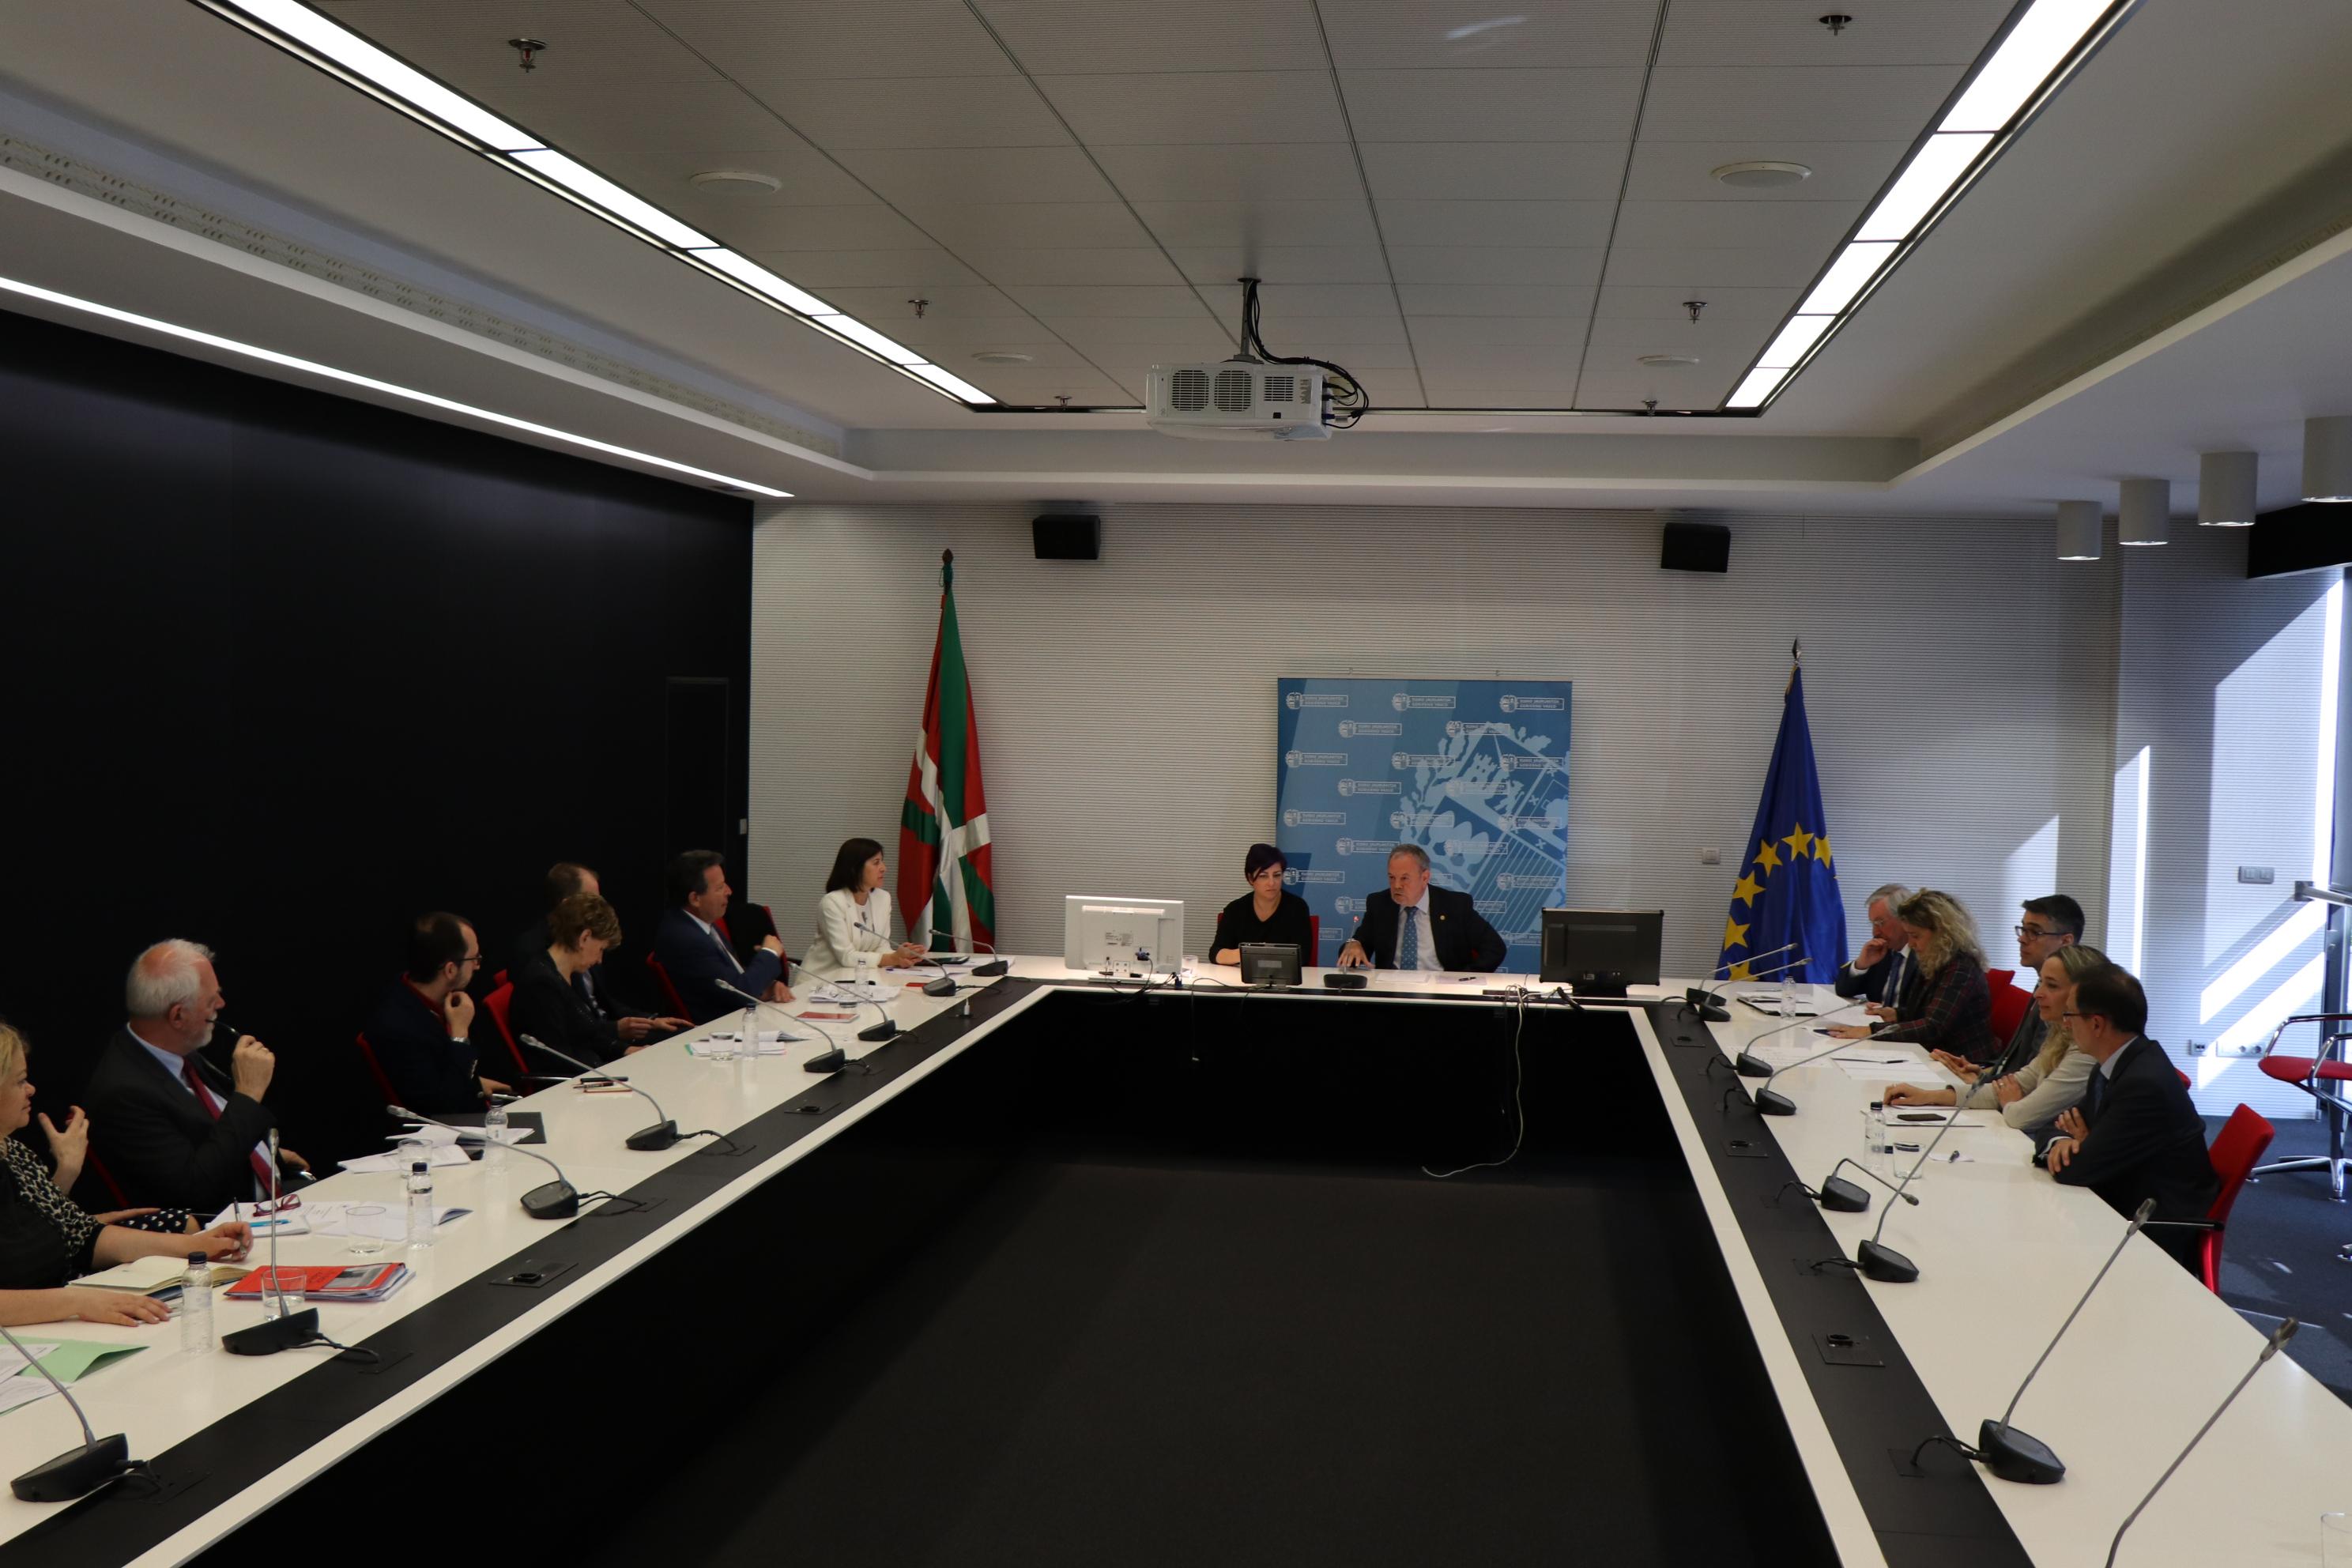 azpiazu_arriola_parlamento_europeo_03.jpg